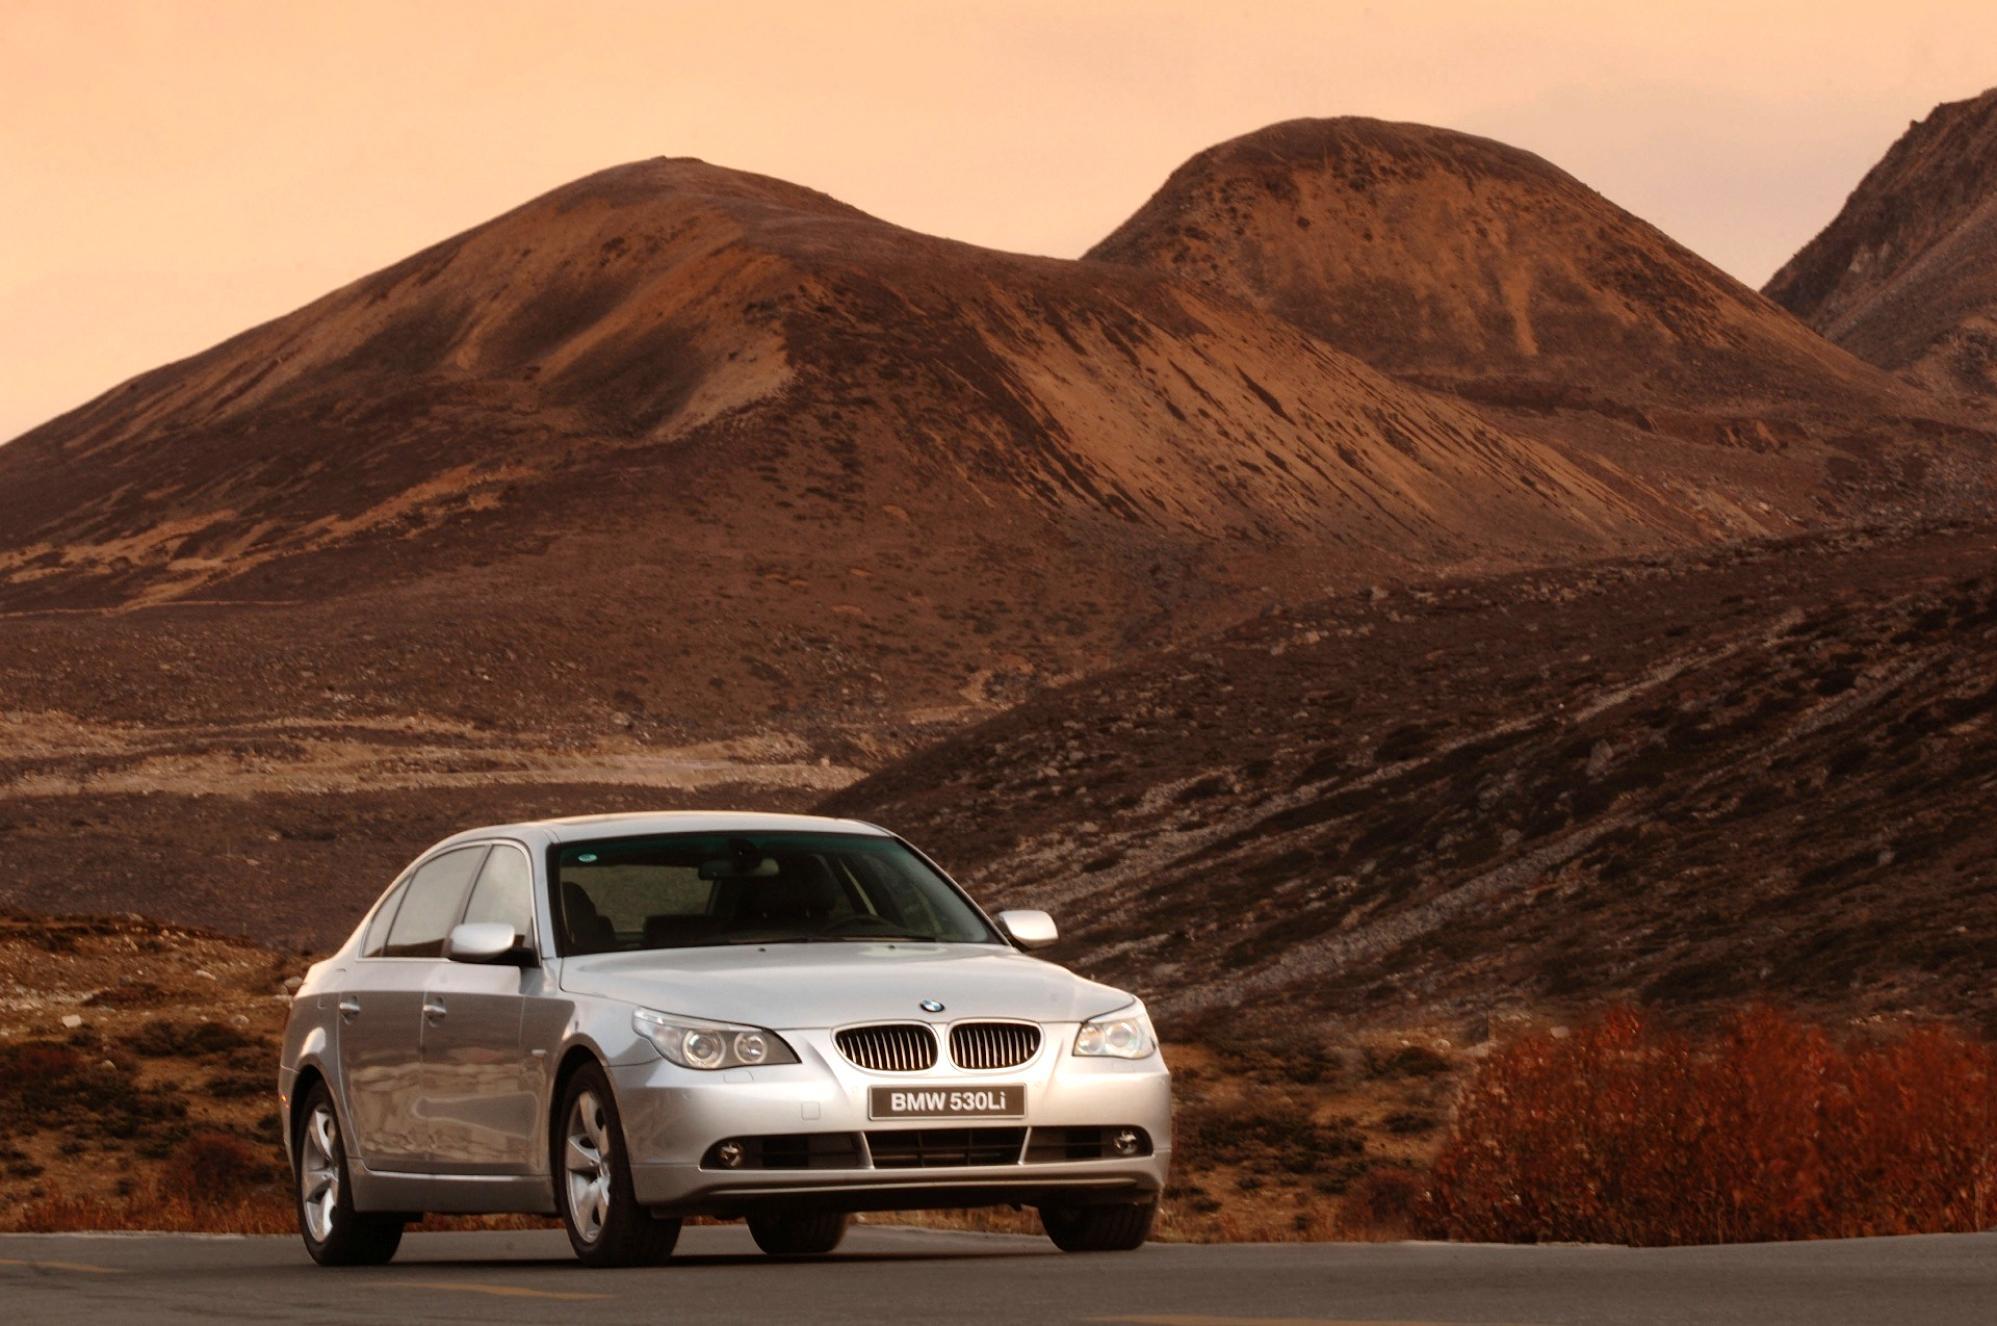 Какие способы увеличения клиренса существуют для BMW 5 E60